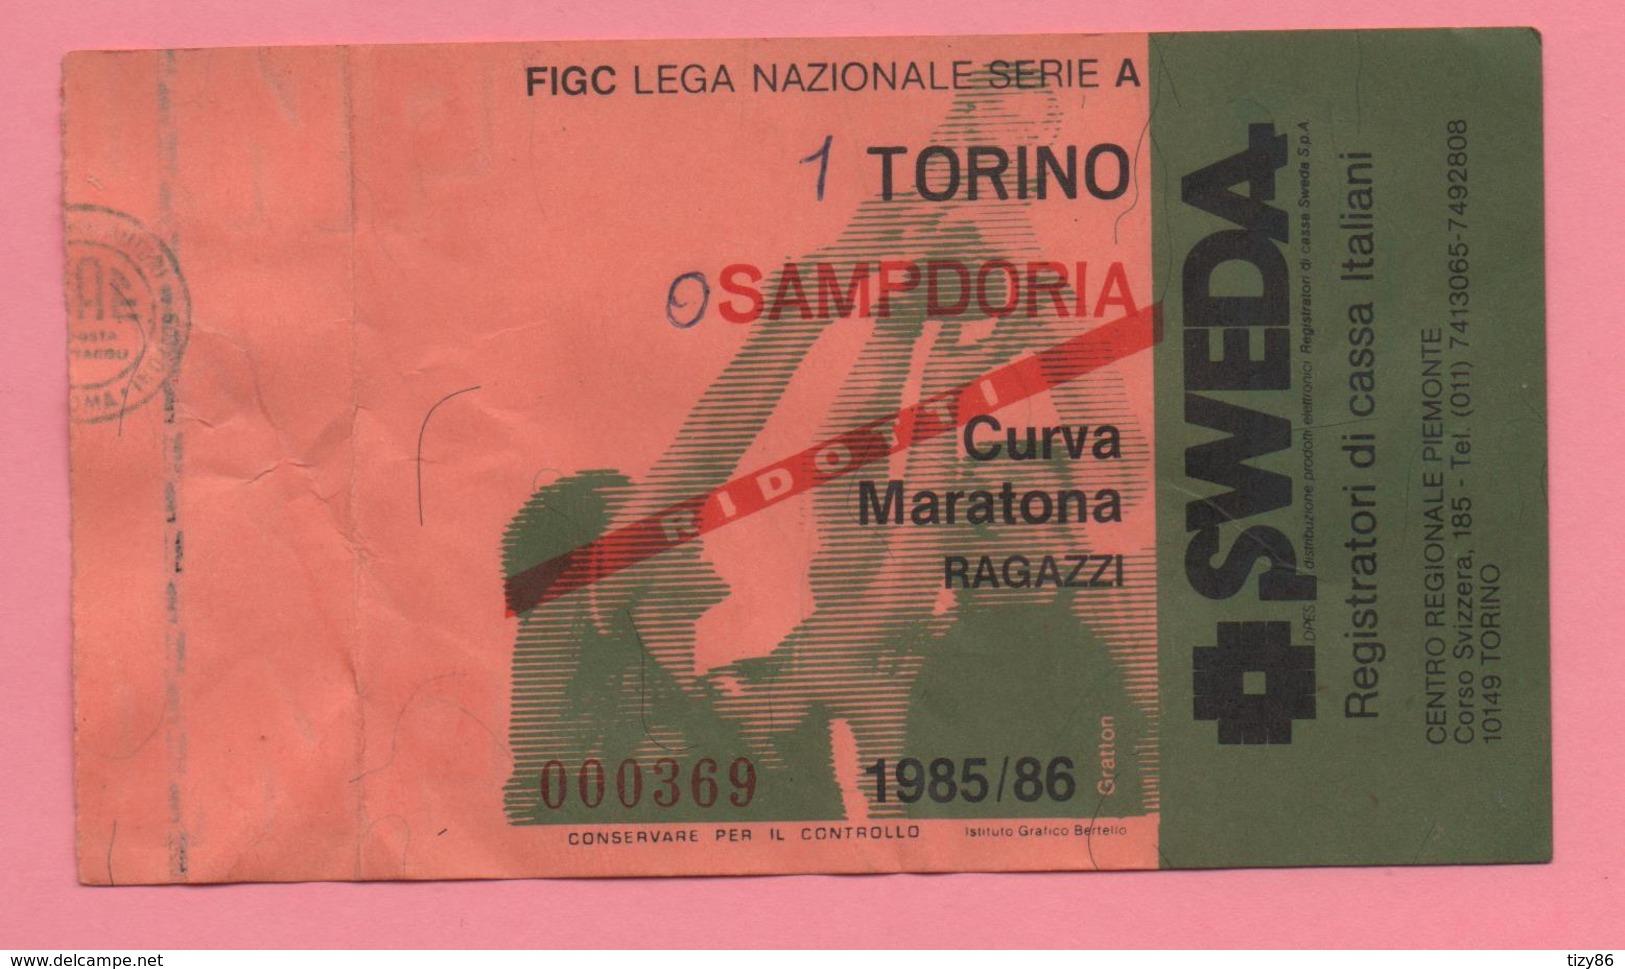 Biglietto D'ingresso Stadio Torino Sampdoria 1985/86 - Tickets - Vouchers